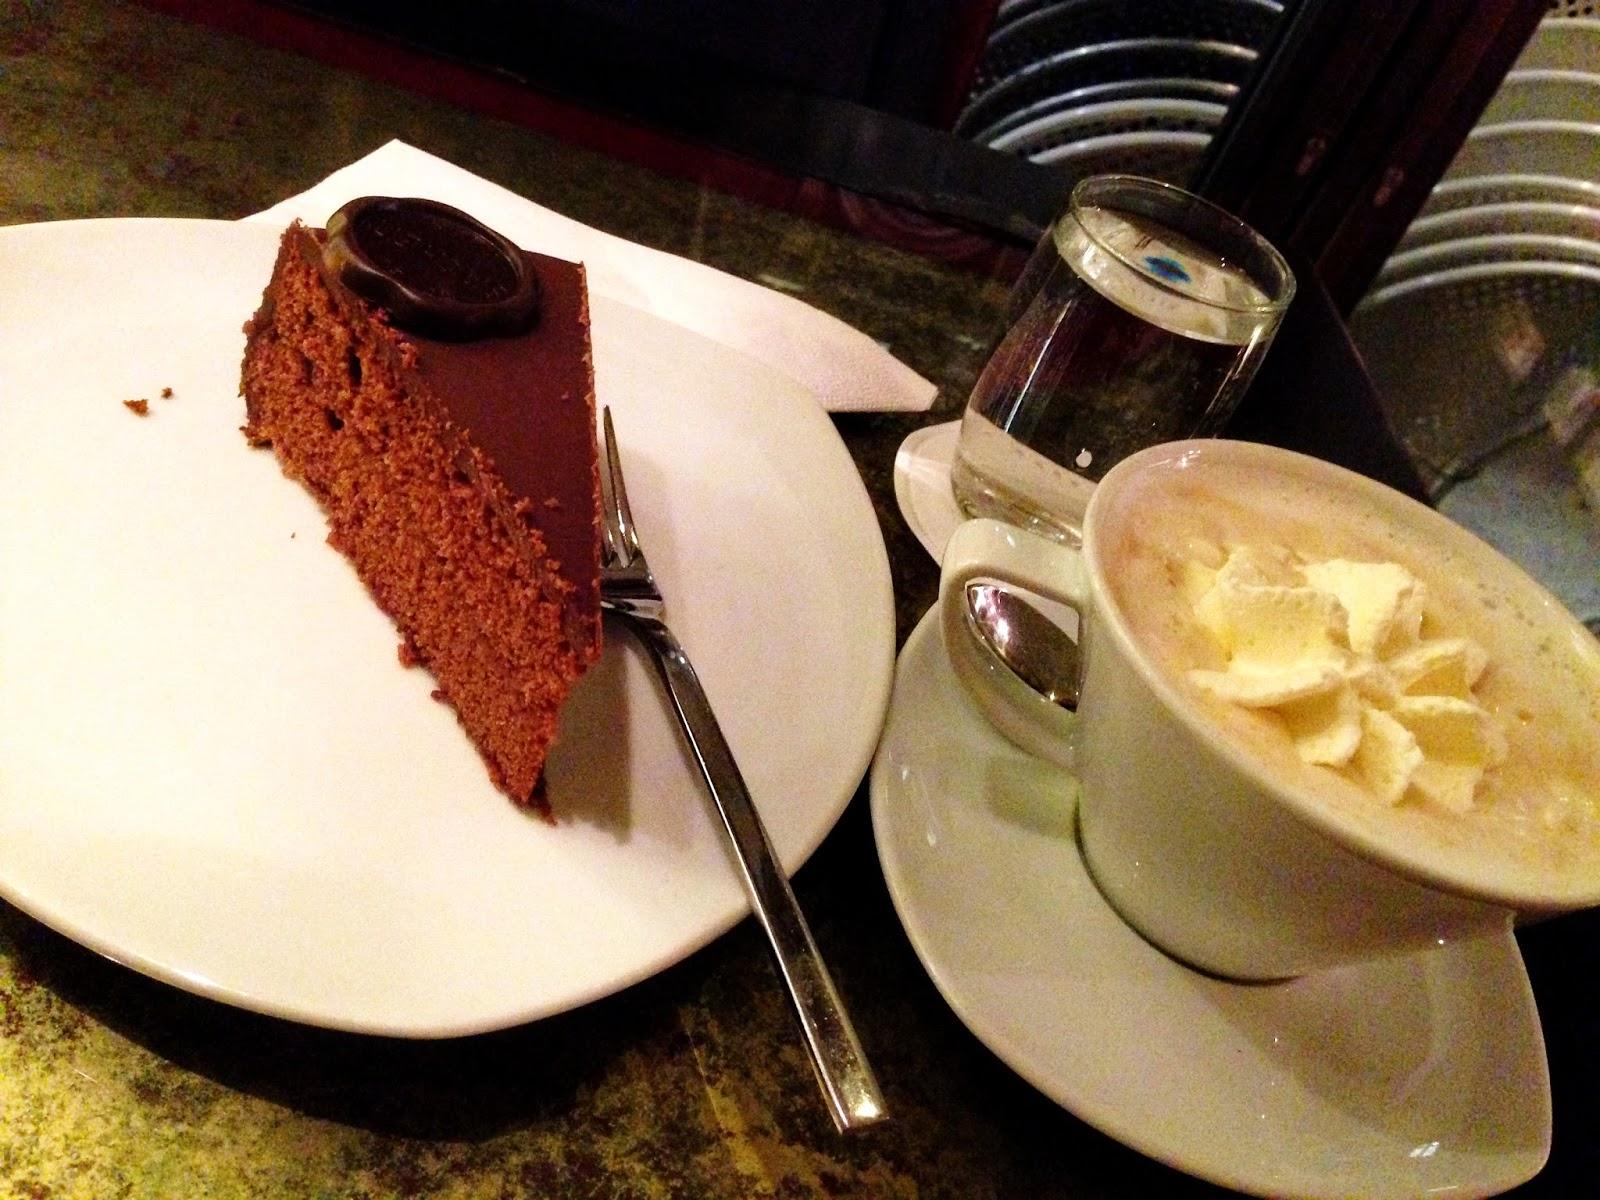 кофе меланж и торт захер